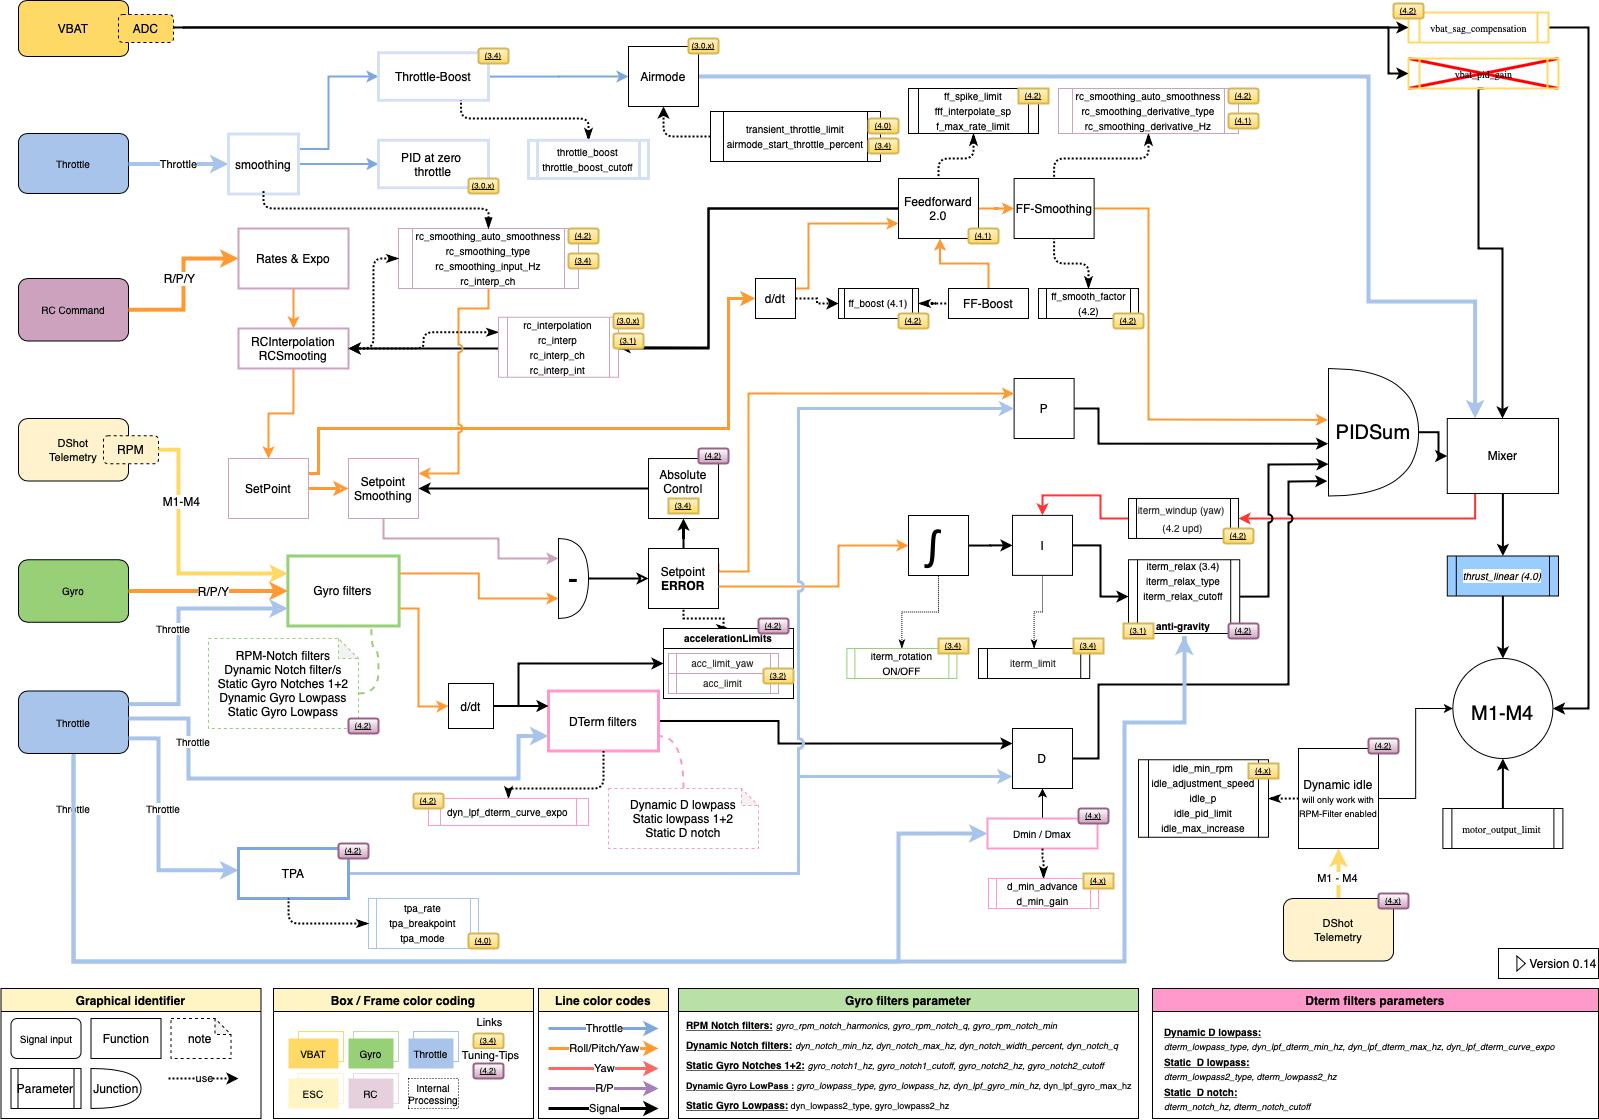 Betaflight 4.2 Workflow